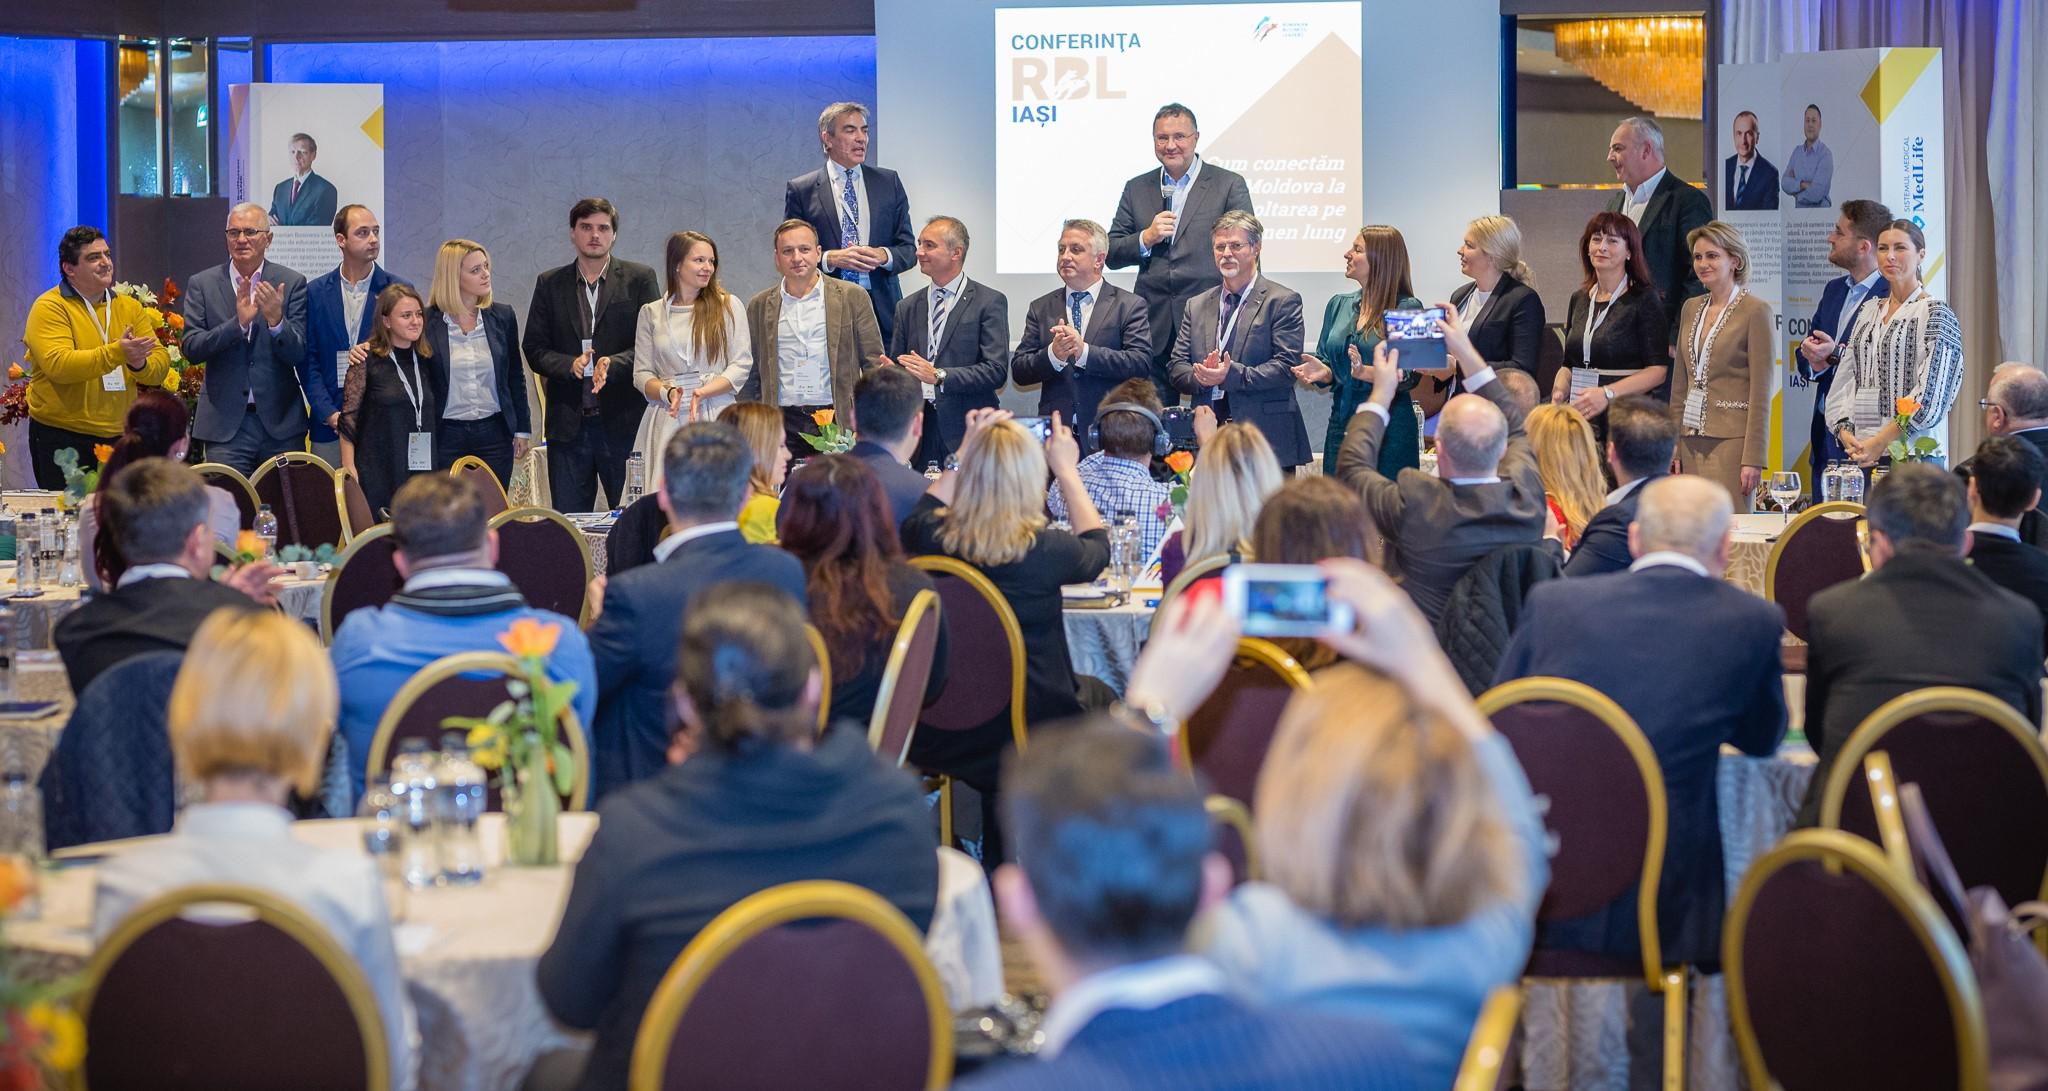 România ratează dezvoltarea pentru că nu promovează competența și continuitatea la conducerea infrastructurii, educației și a sănătății